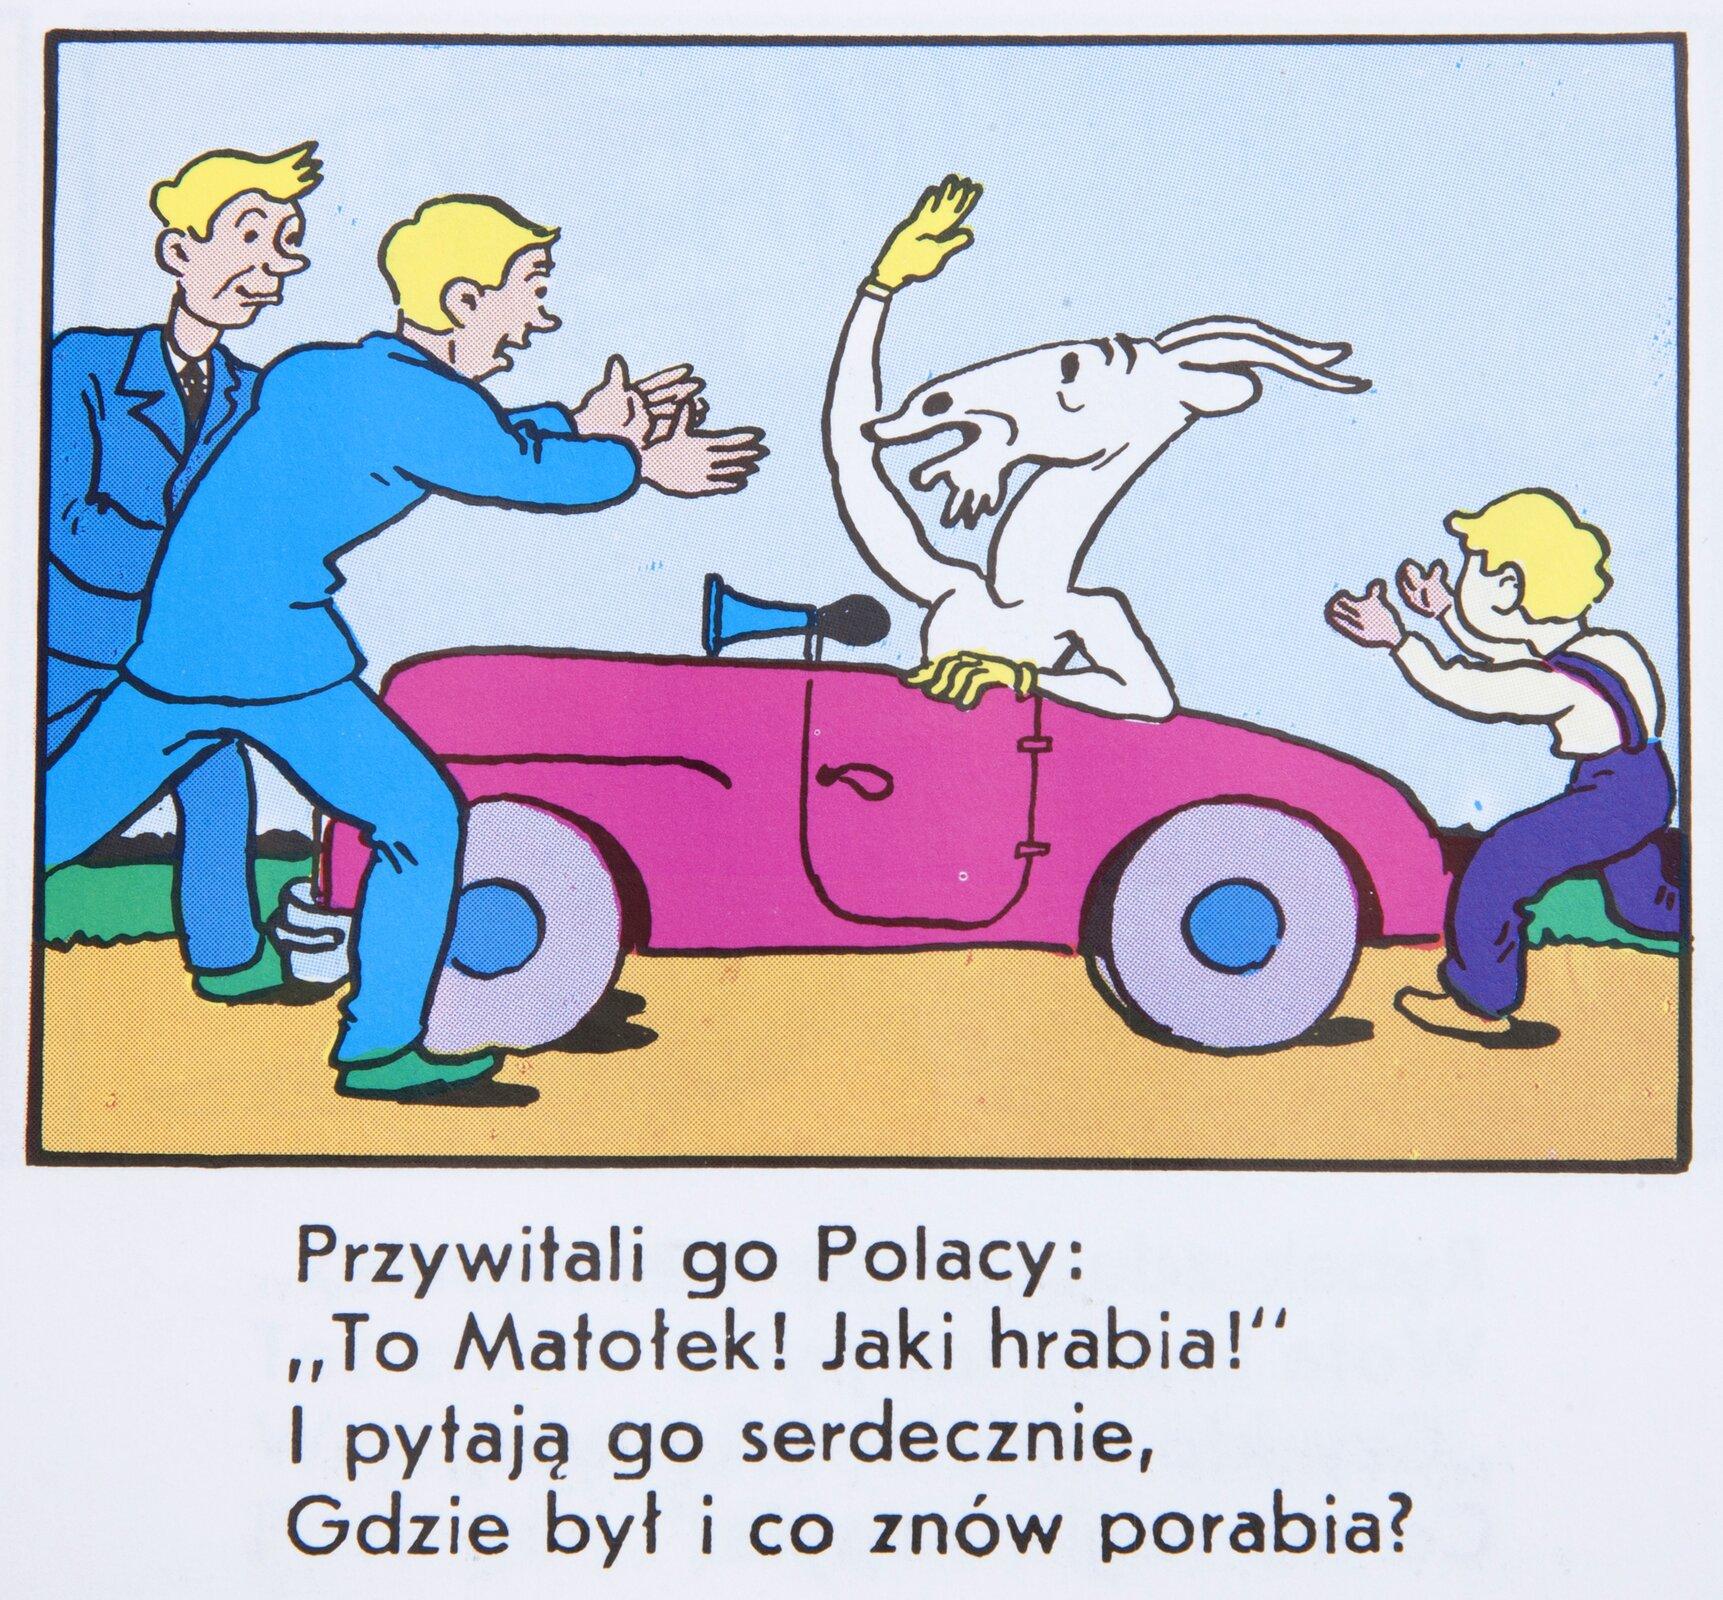 """Ilustracja przedstawia fragment komiksu Kornela Makuszyńskiego """"Koziołek Matołek"""". Koziołek znajduje się wróżowym samochodzie. Przed autem wkierunku Koziołka Matołka wybiega dwóch mężczyzn wniebieskich garniturach. Jeden ma wyciągnięte ręce wgeście powitanie. Ztyłu auta widać także biegnącego chłopca wstronę Koziołka. Poniżej ilustracji umieszczony jest tekst: """"Przywitali go Polacy: """"to Matołek! Jaki hrabia!"""" ipytają go serdecznie, Gdzie był ico znów porabia?"""""""